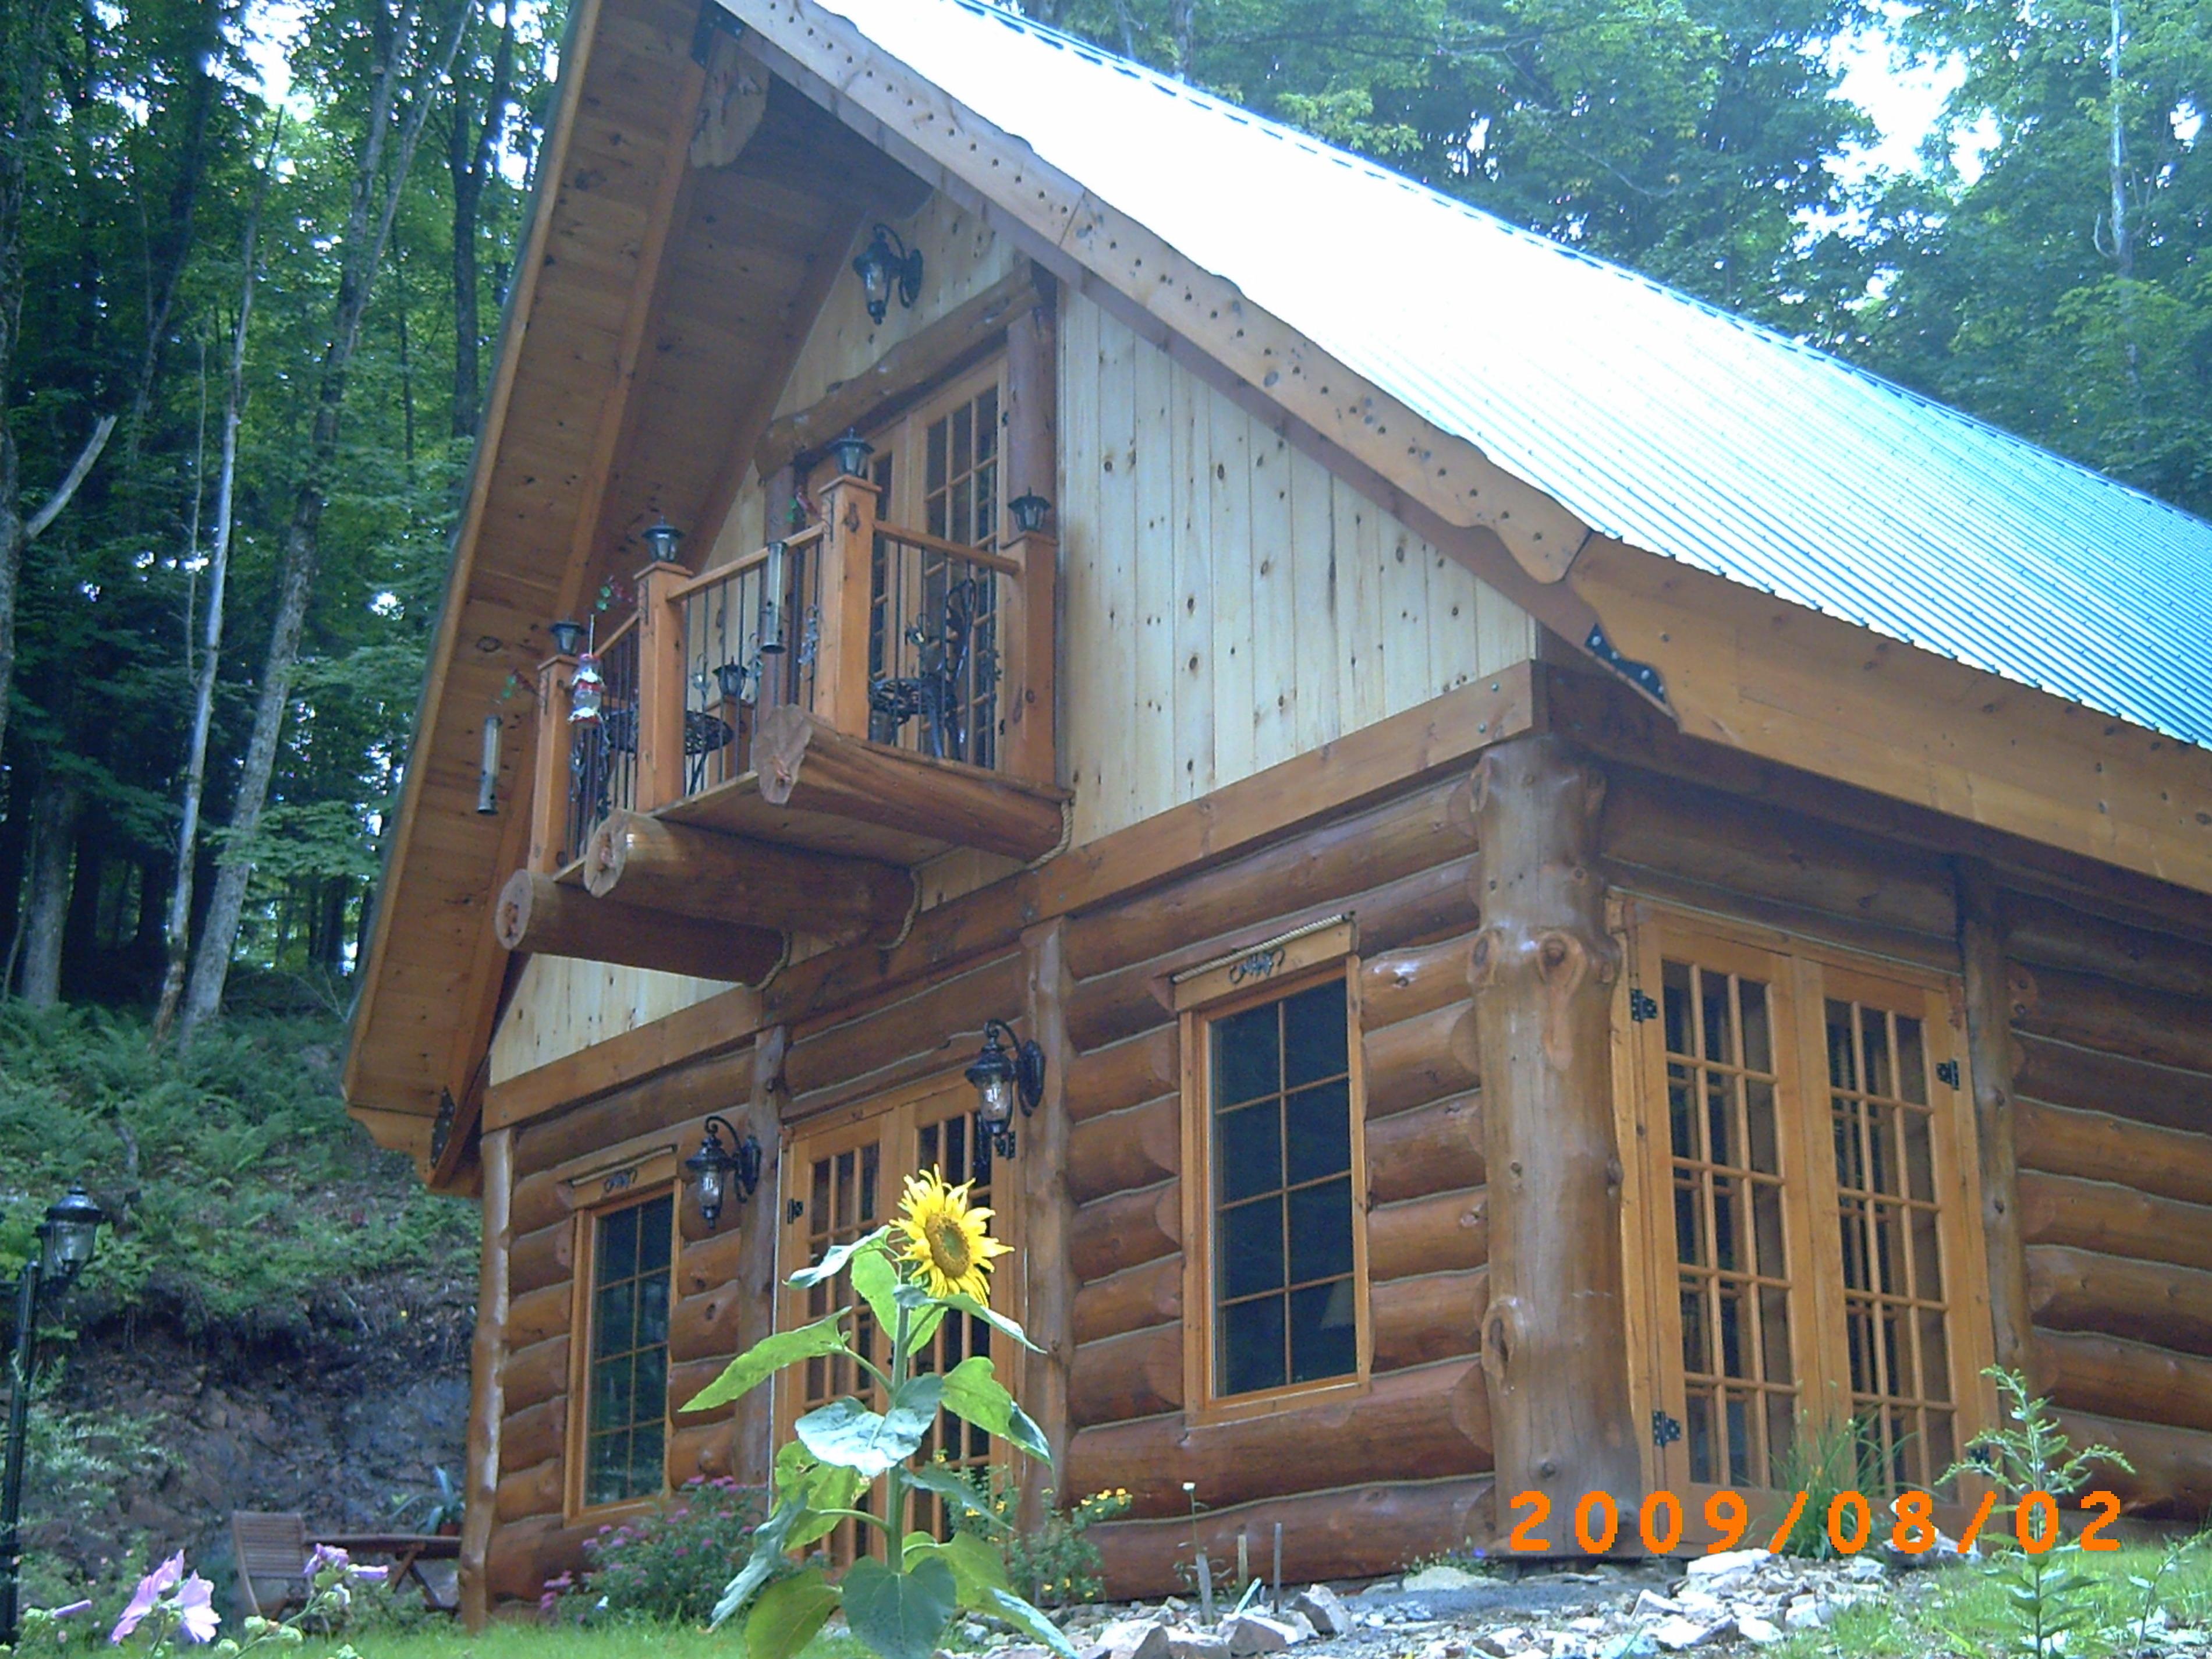 chlet en bois rond  850.00$semaine